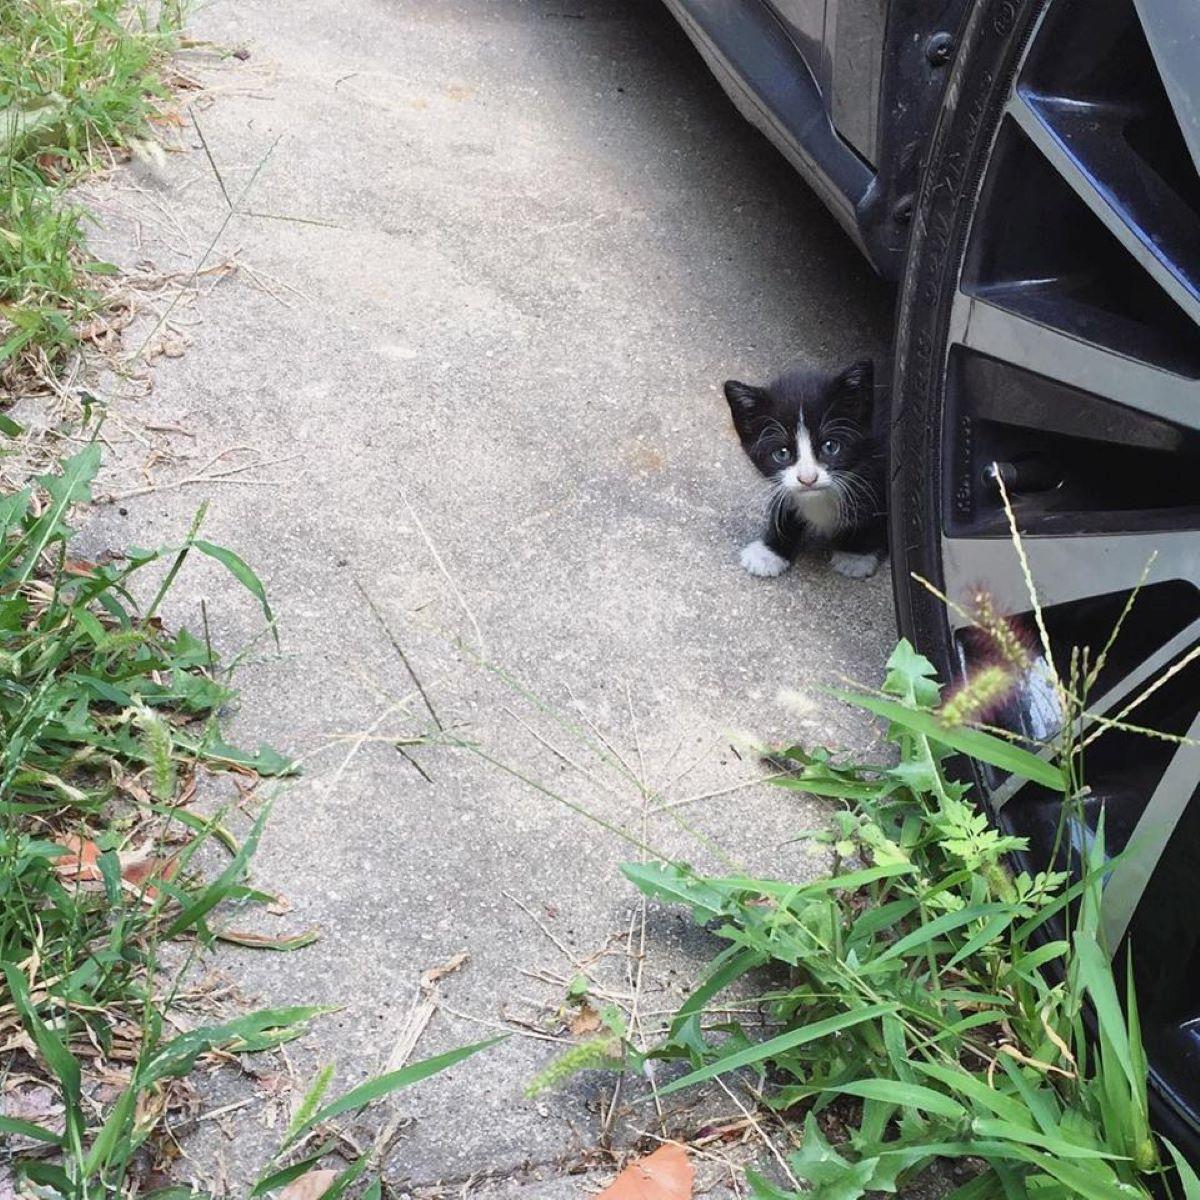 gattino-vicino-a-macchina